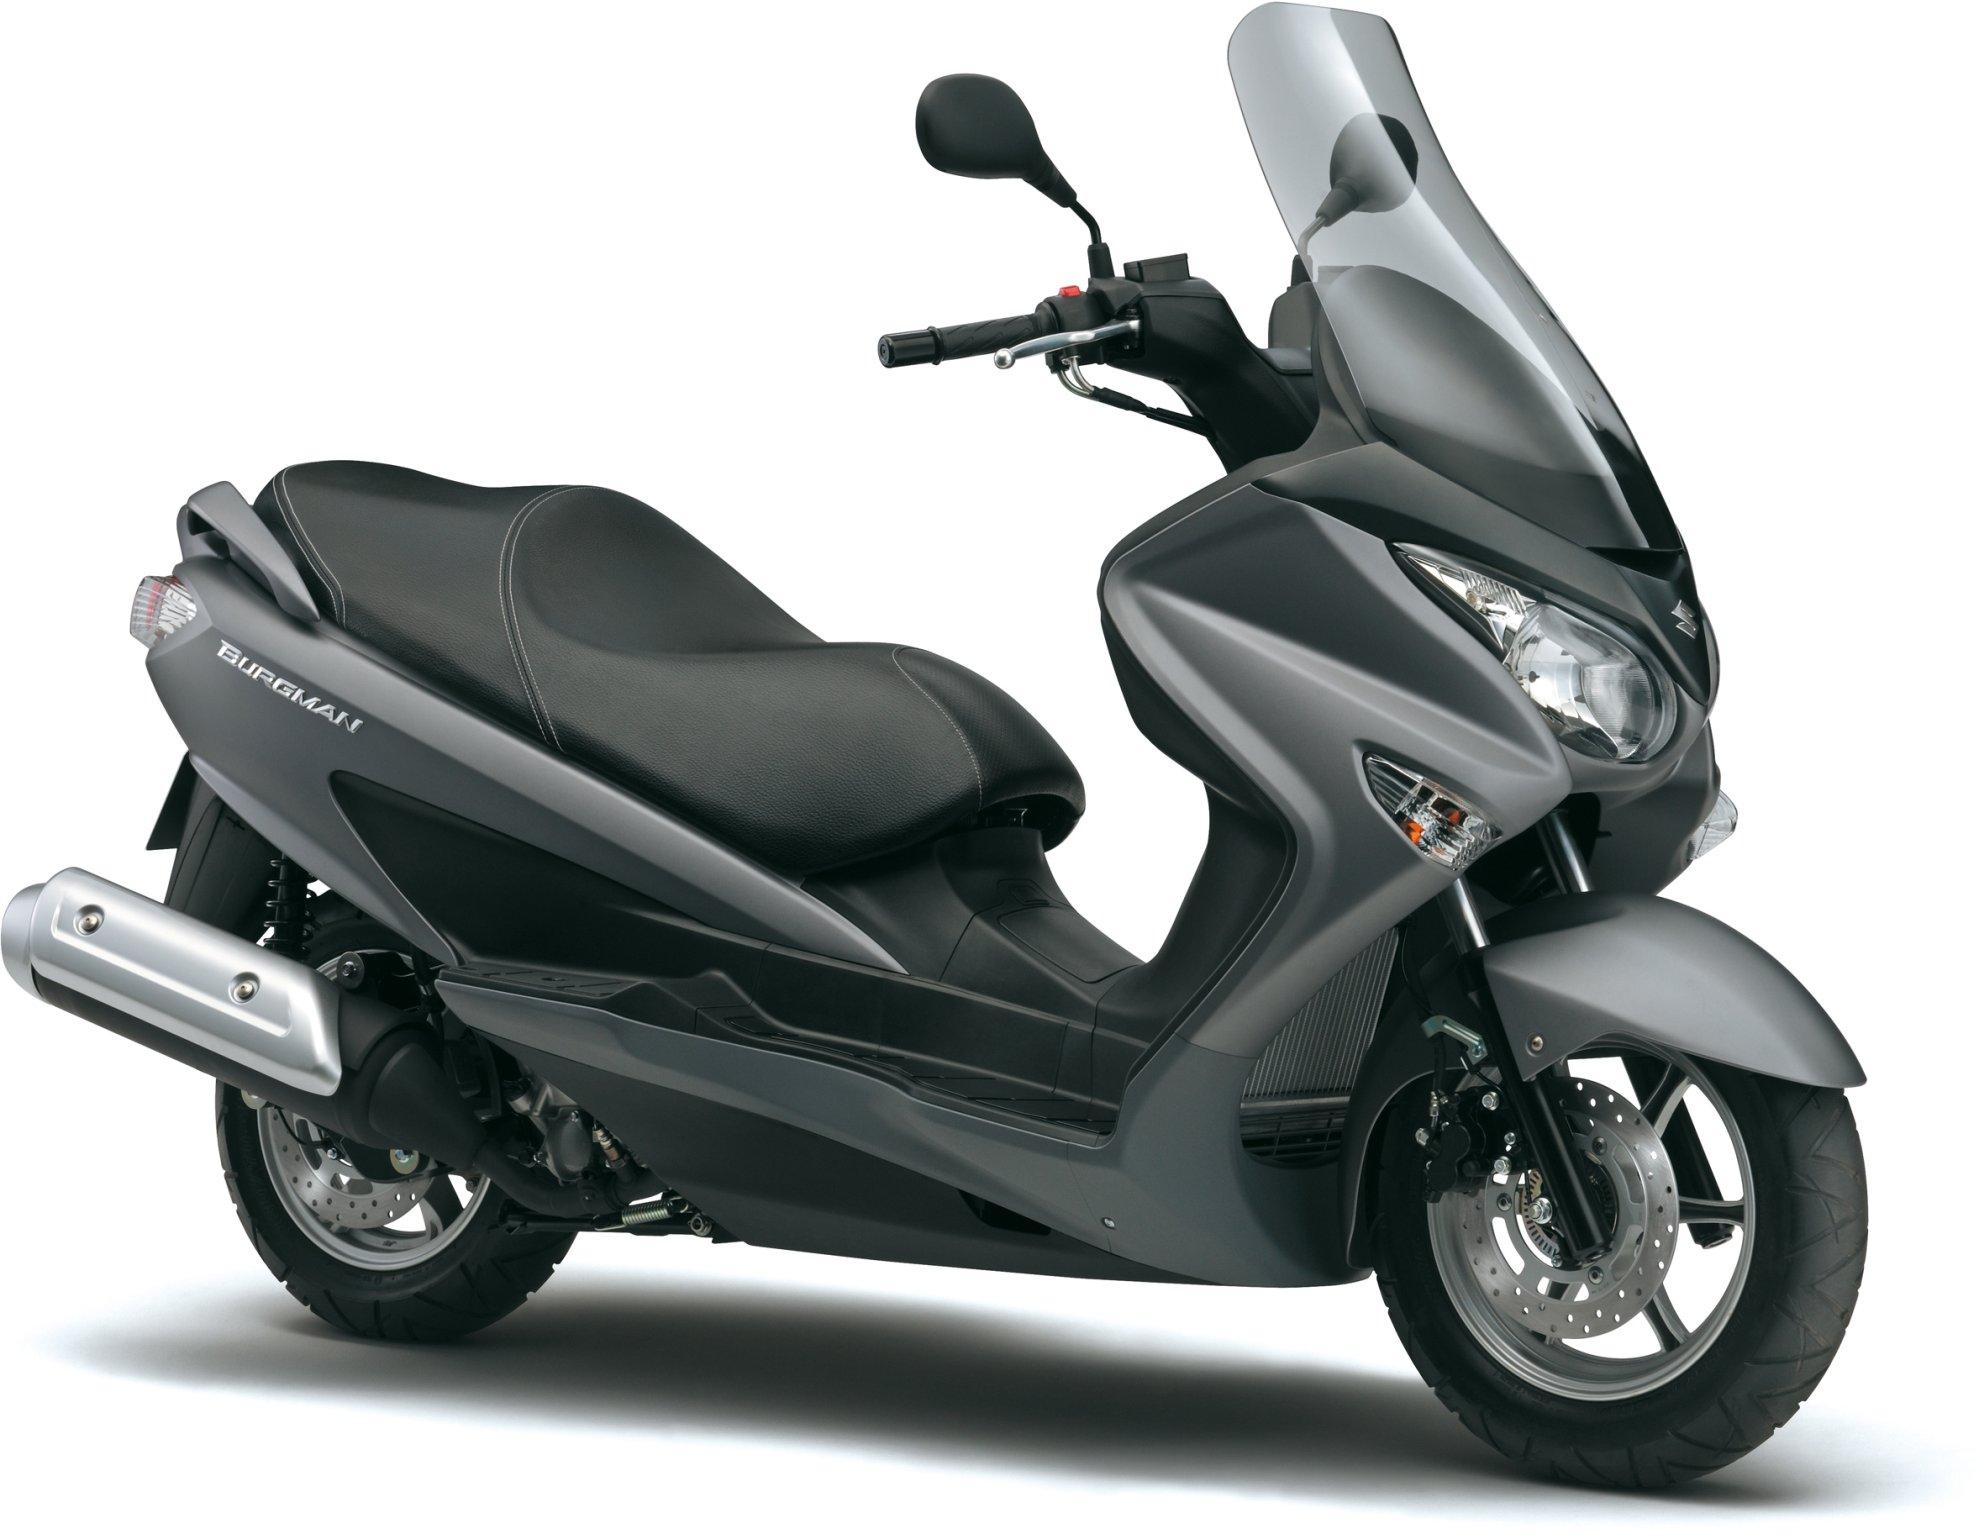 Gebrauchte und neue Suzuki Burgman 125 Motorräder kaufen  Datenblatt Von Abs Terluran H 110